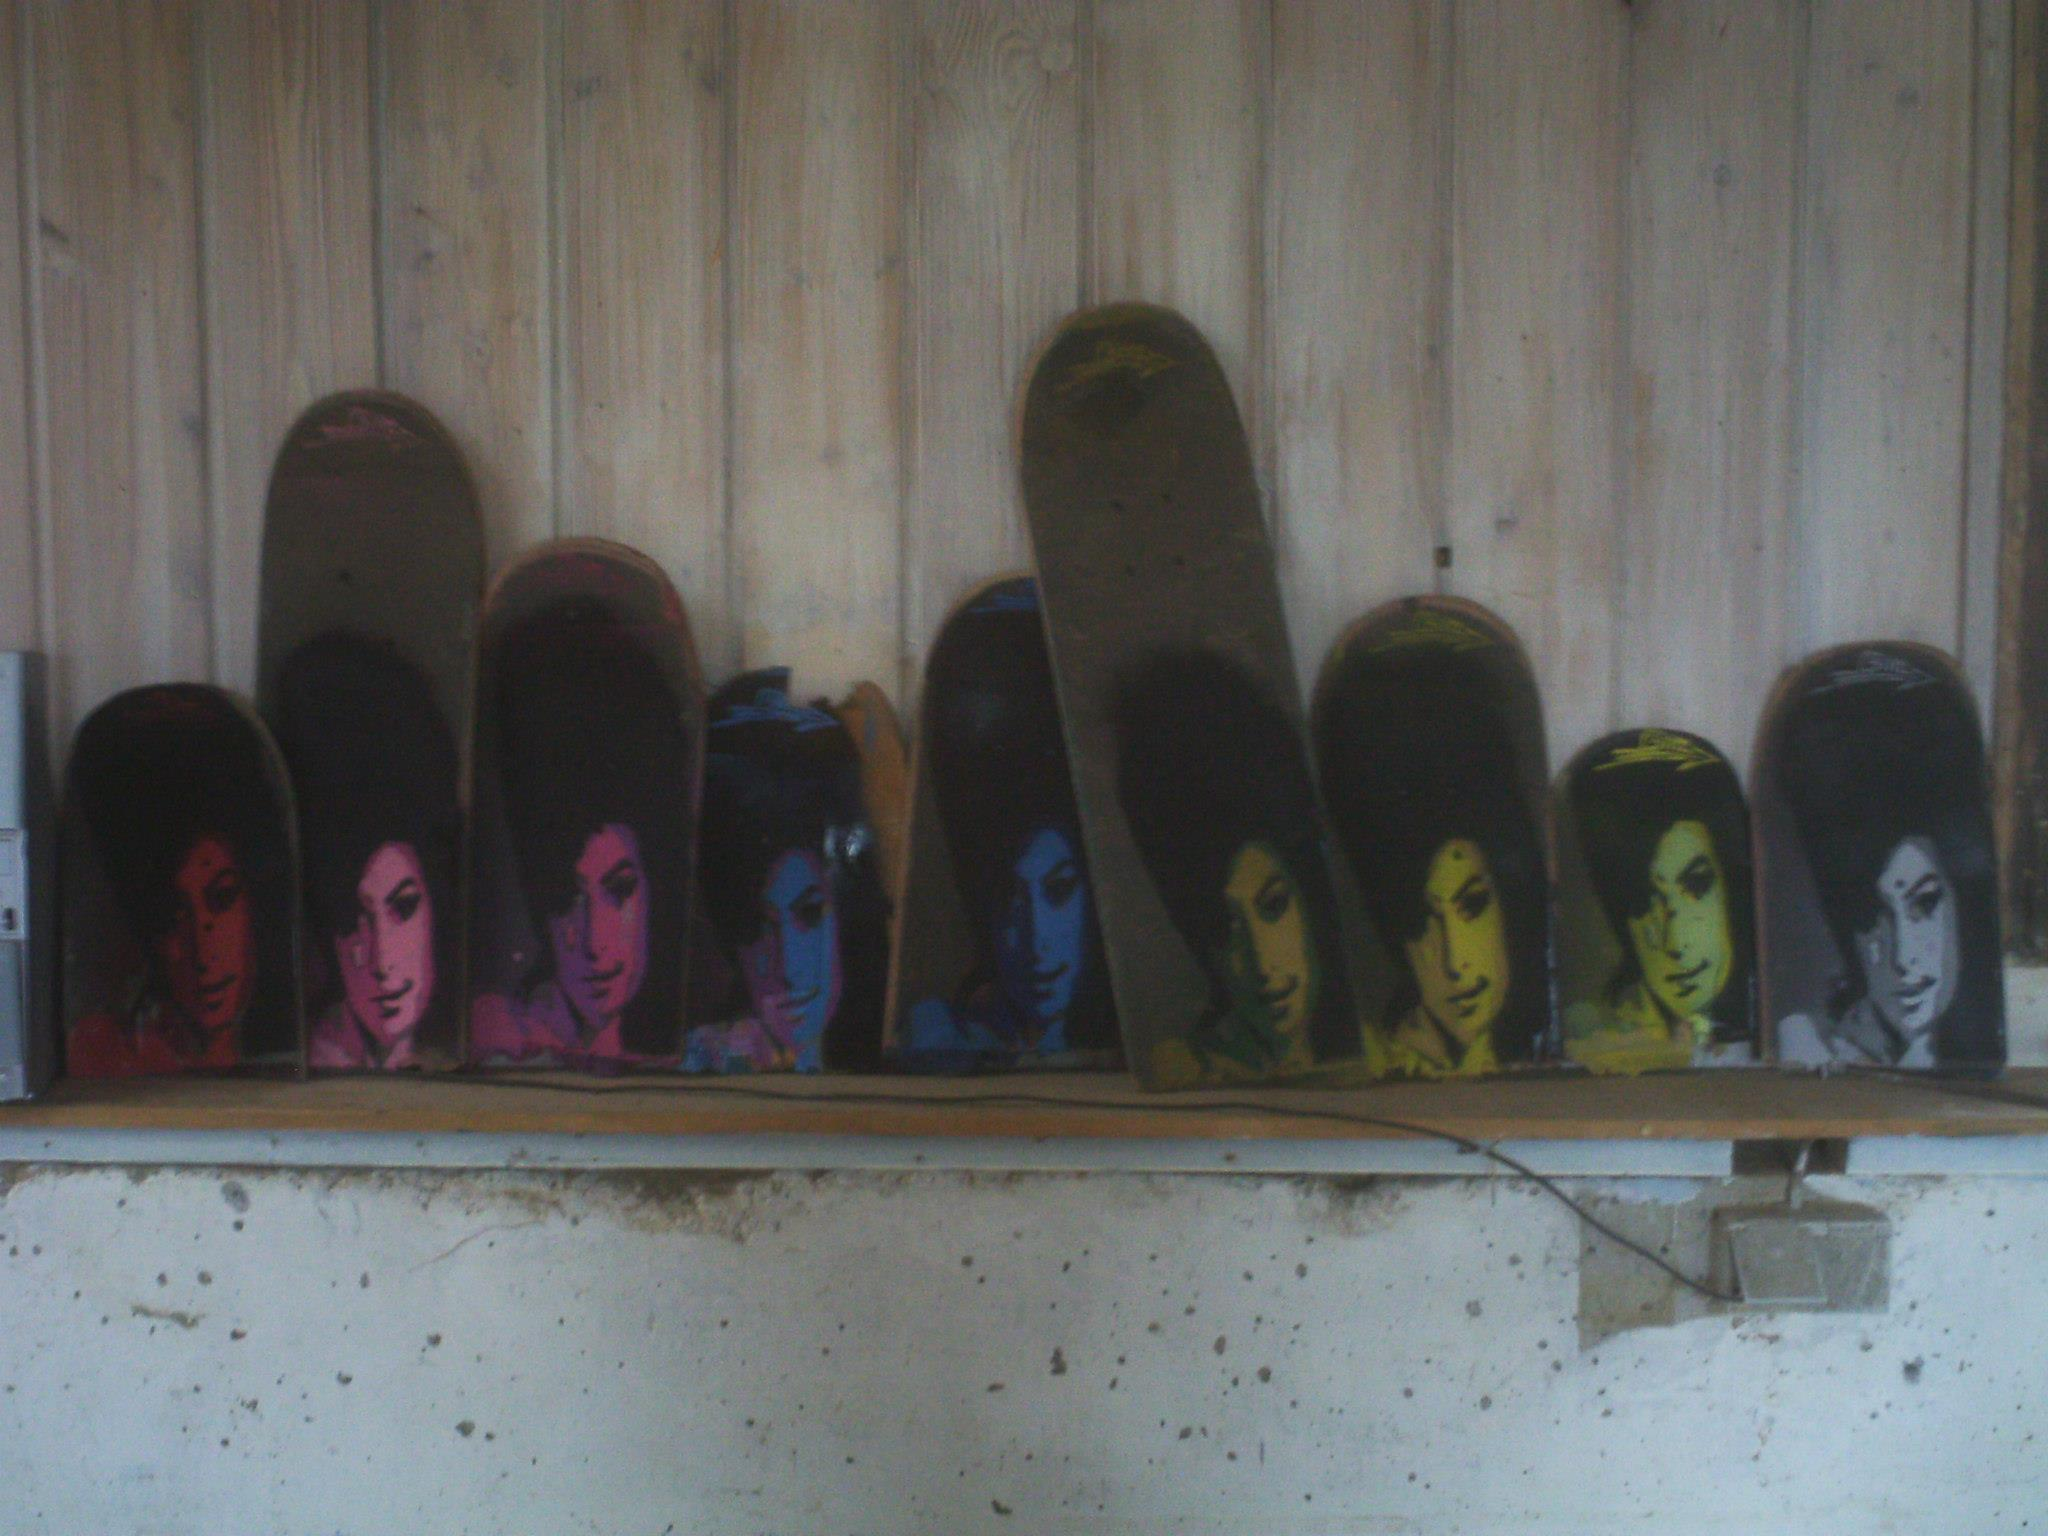 Ami Winehouse auf Skateboard-Decks von BÄM